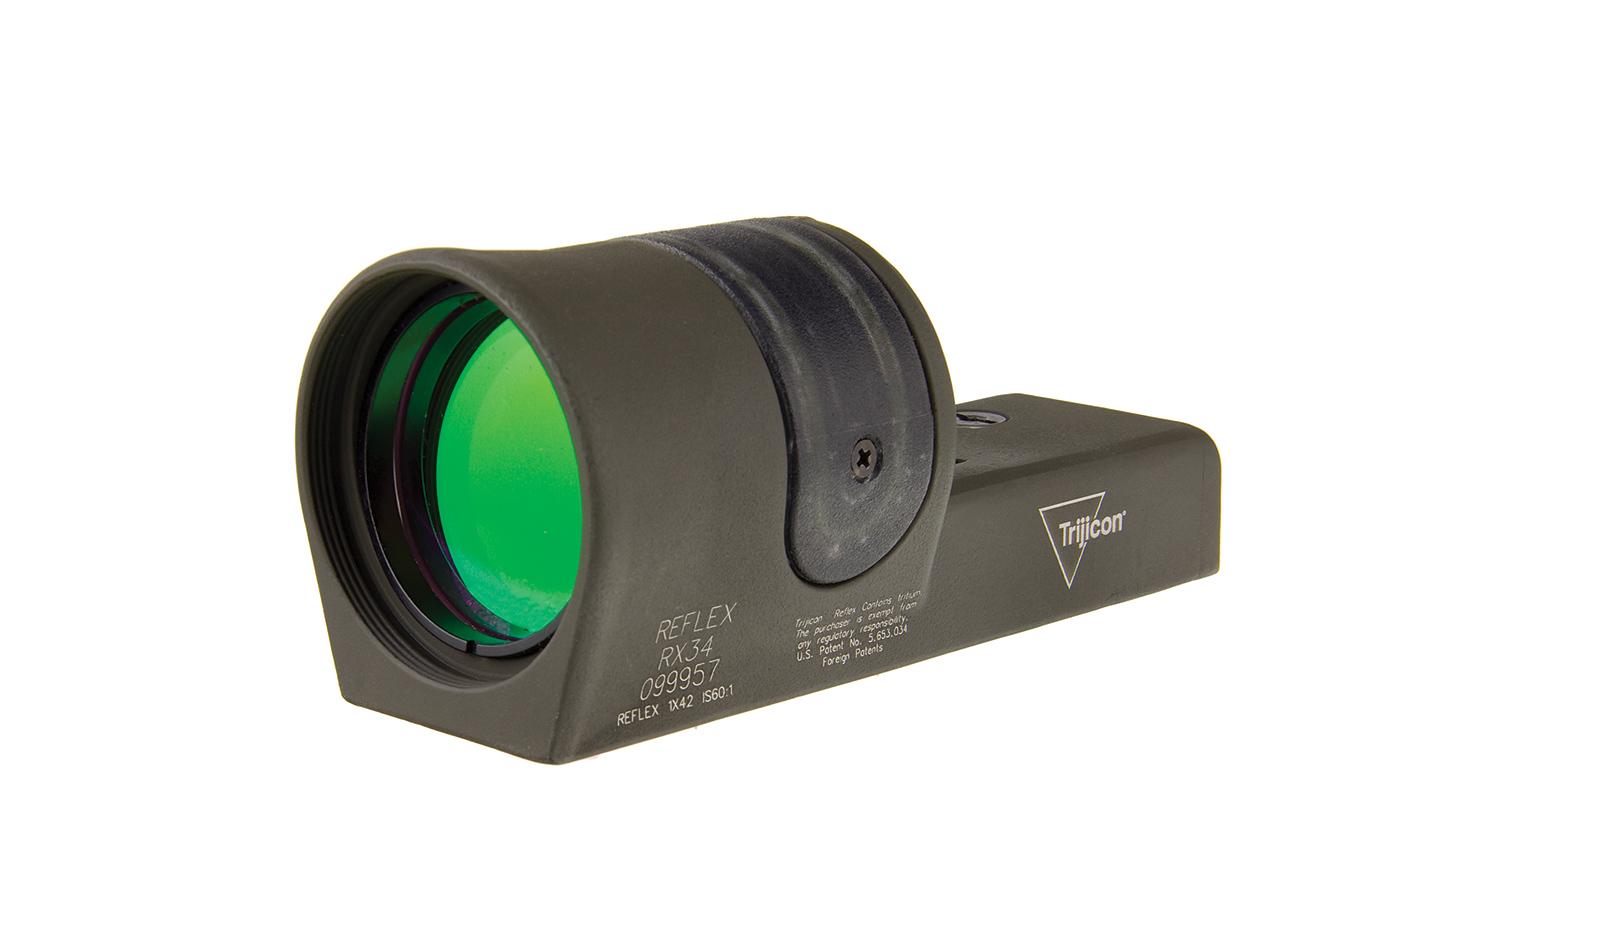 RX34-C-800093 angle 1